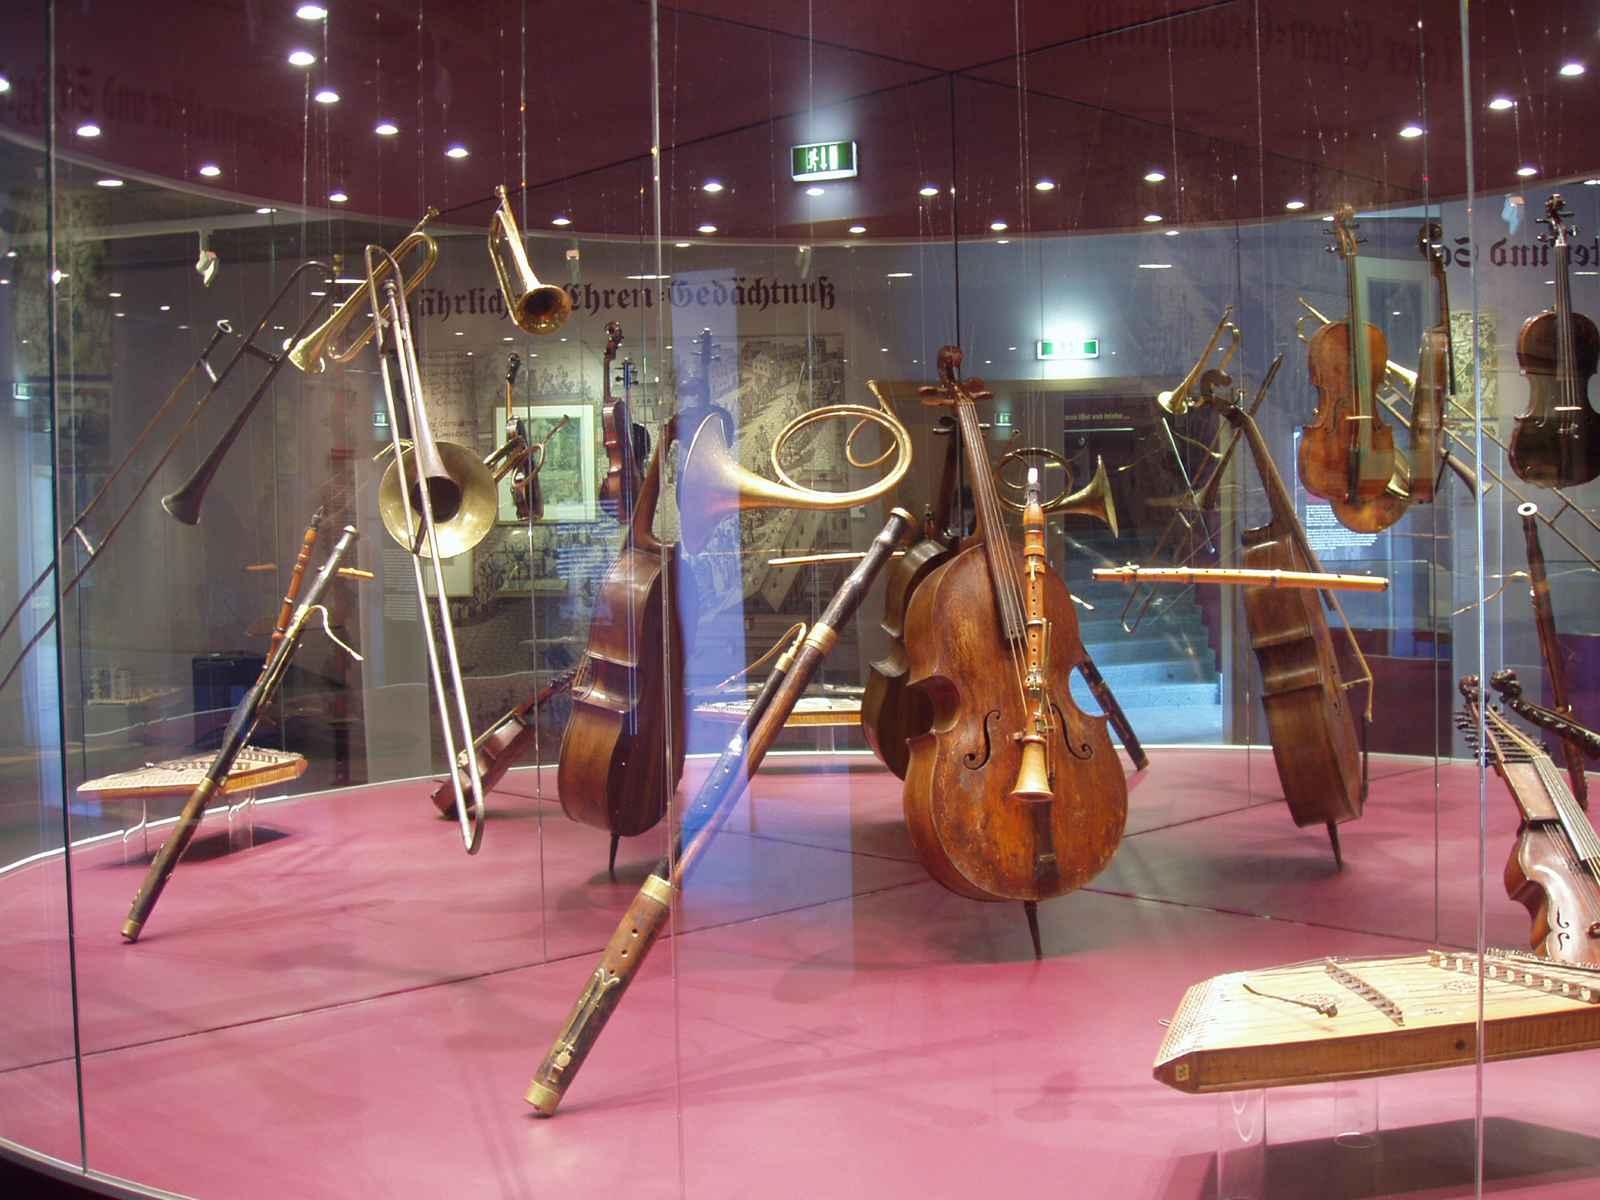 Feste feiern: Musikinstrumente in einer Rundvitrine